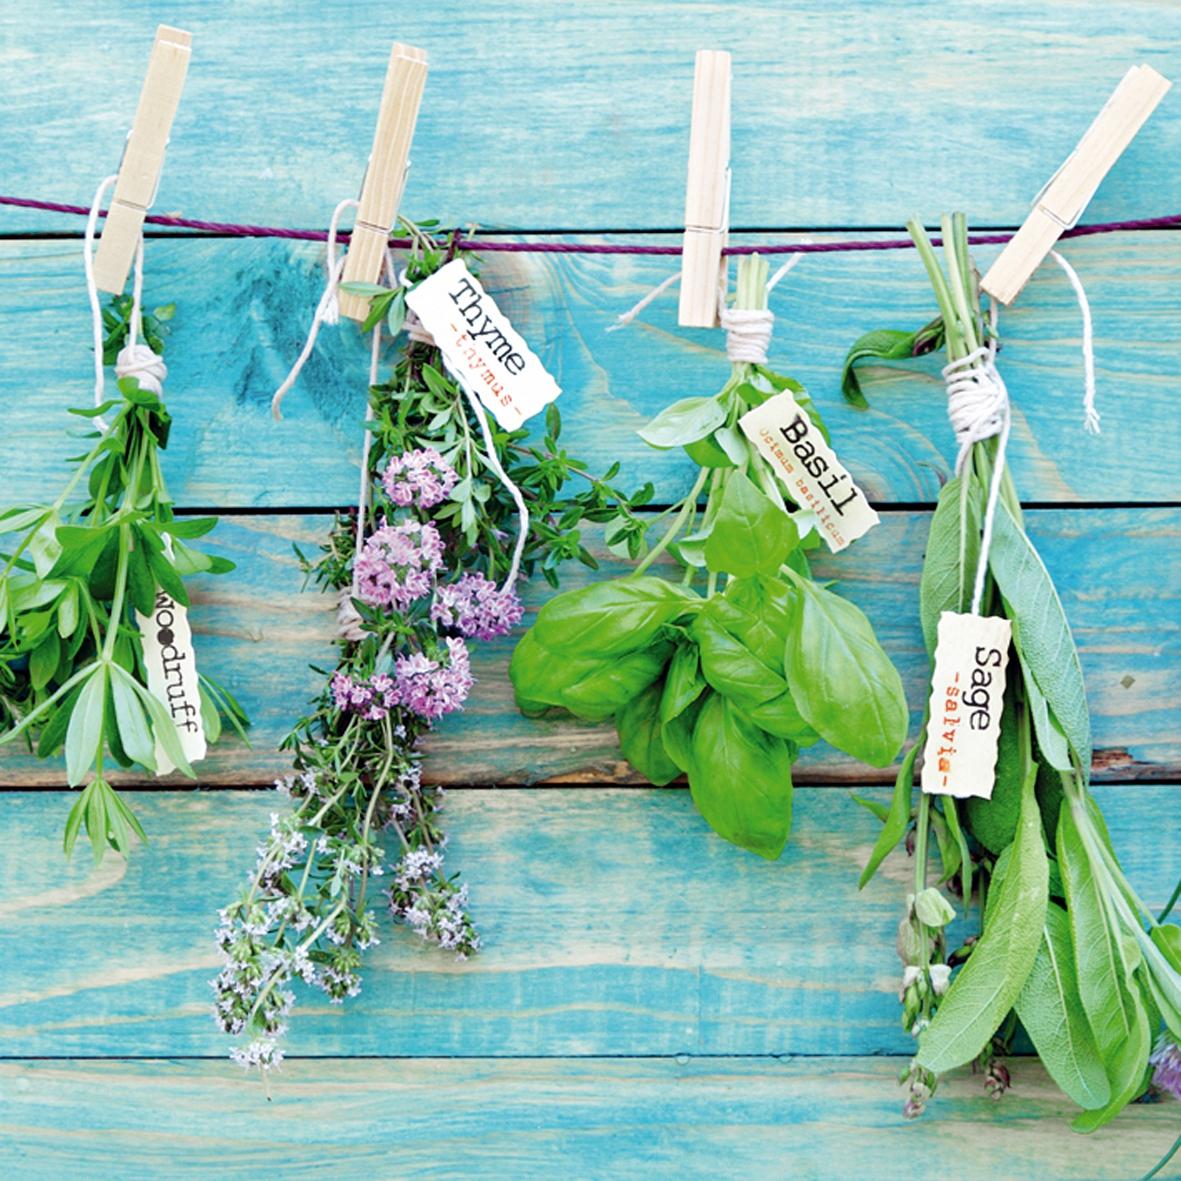 Lunch Servietten Herbs Mix,  Pflanzen - Küchenkräuter,  Everyday,  lunchservietten,  Salbei,  Basilikum,  Thymian